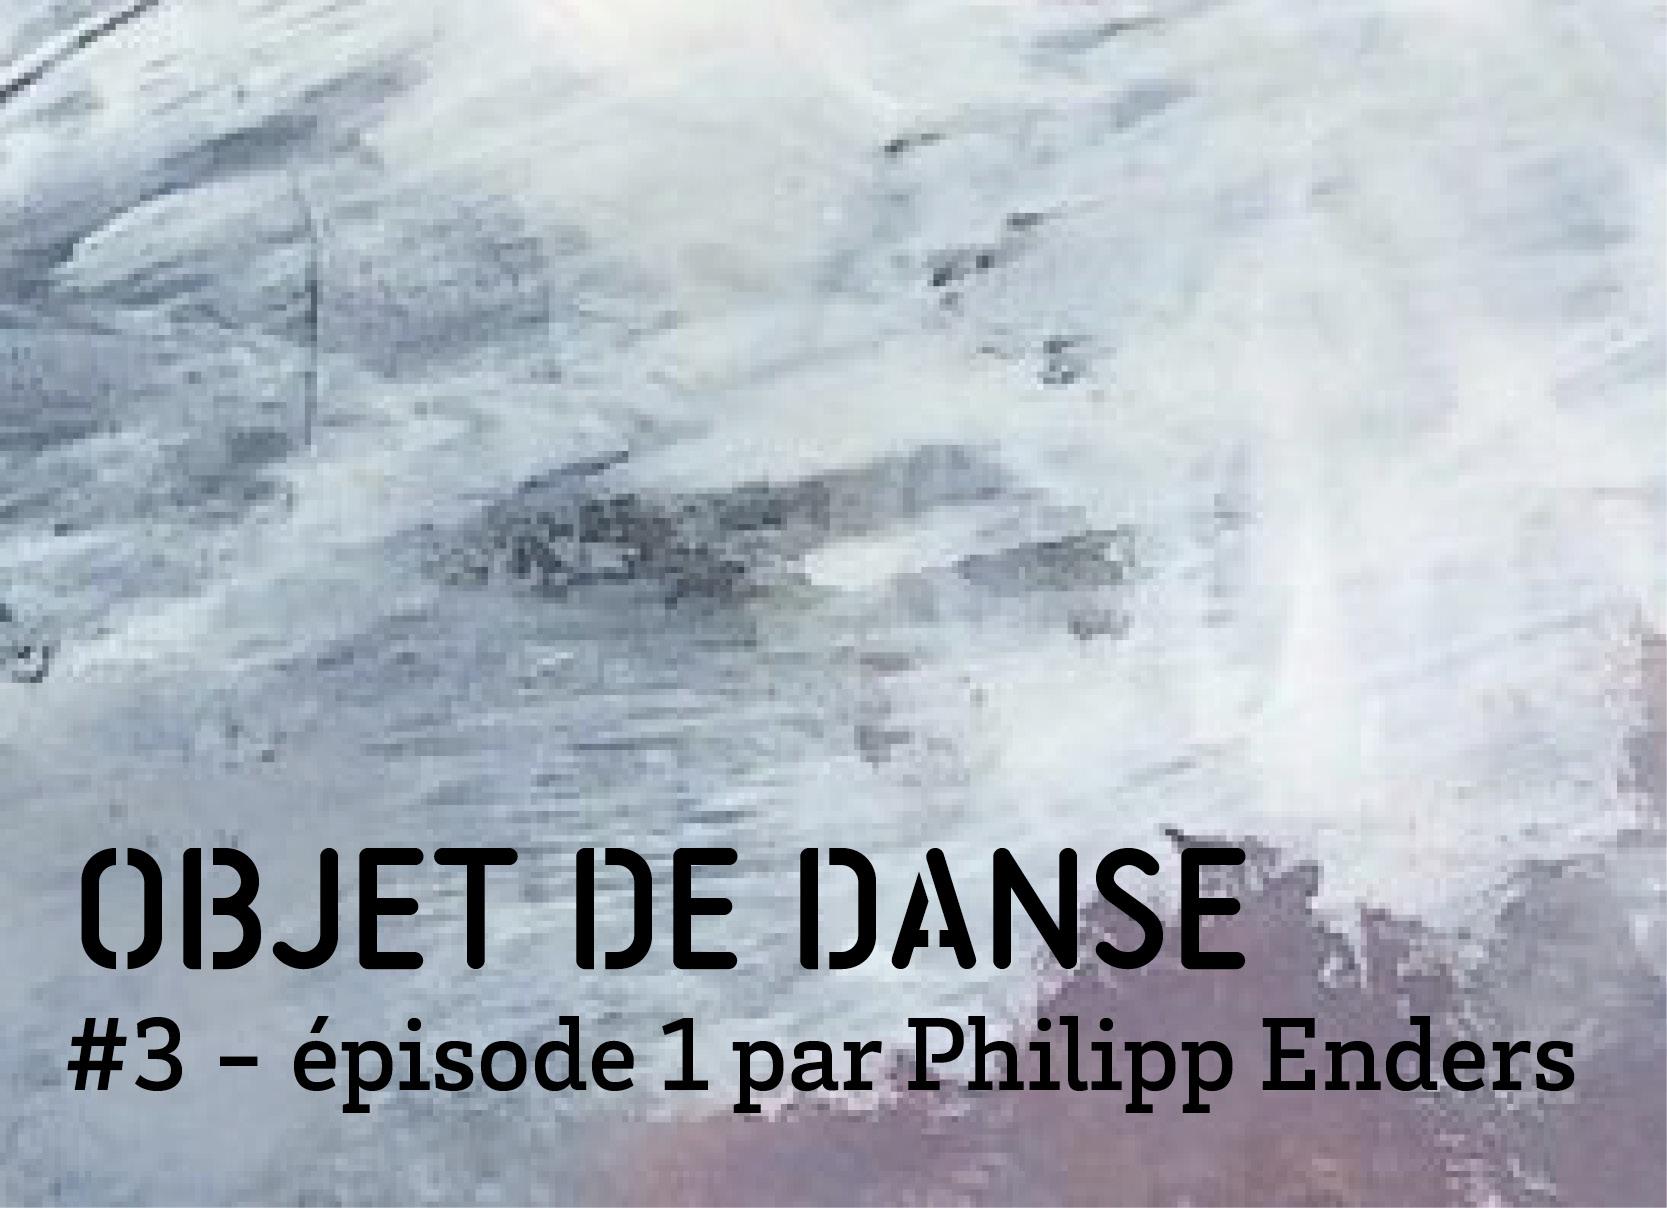 objet de dance3 episode 2 Quelques réflexions sur la partition chorégraphique par Philipp Enders